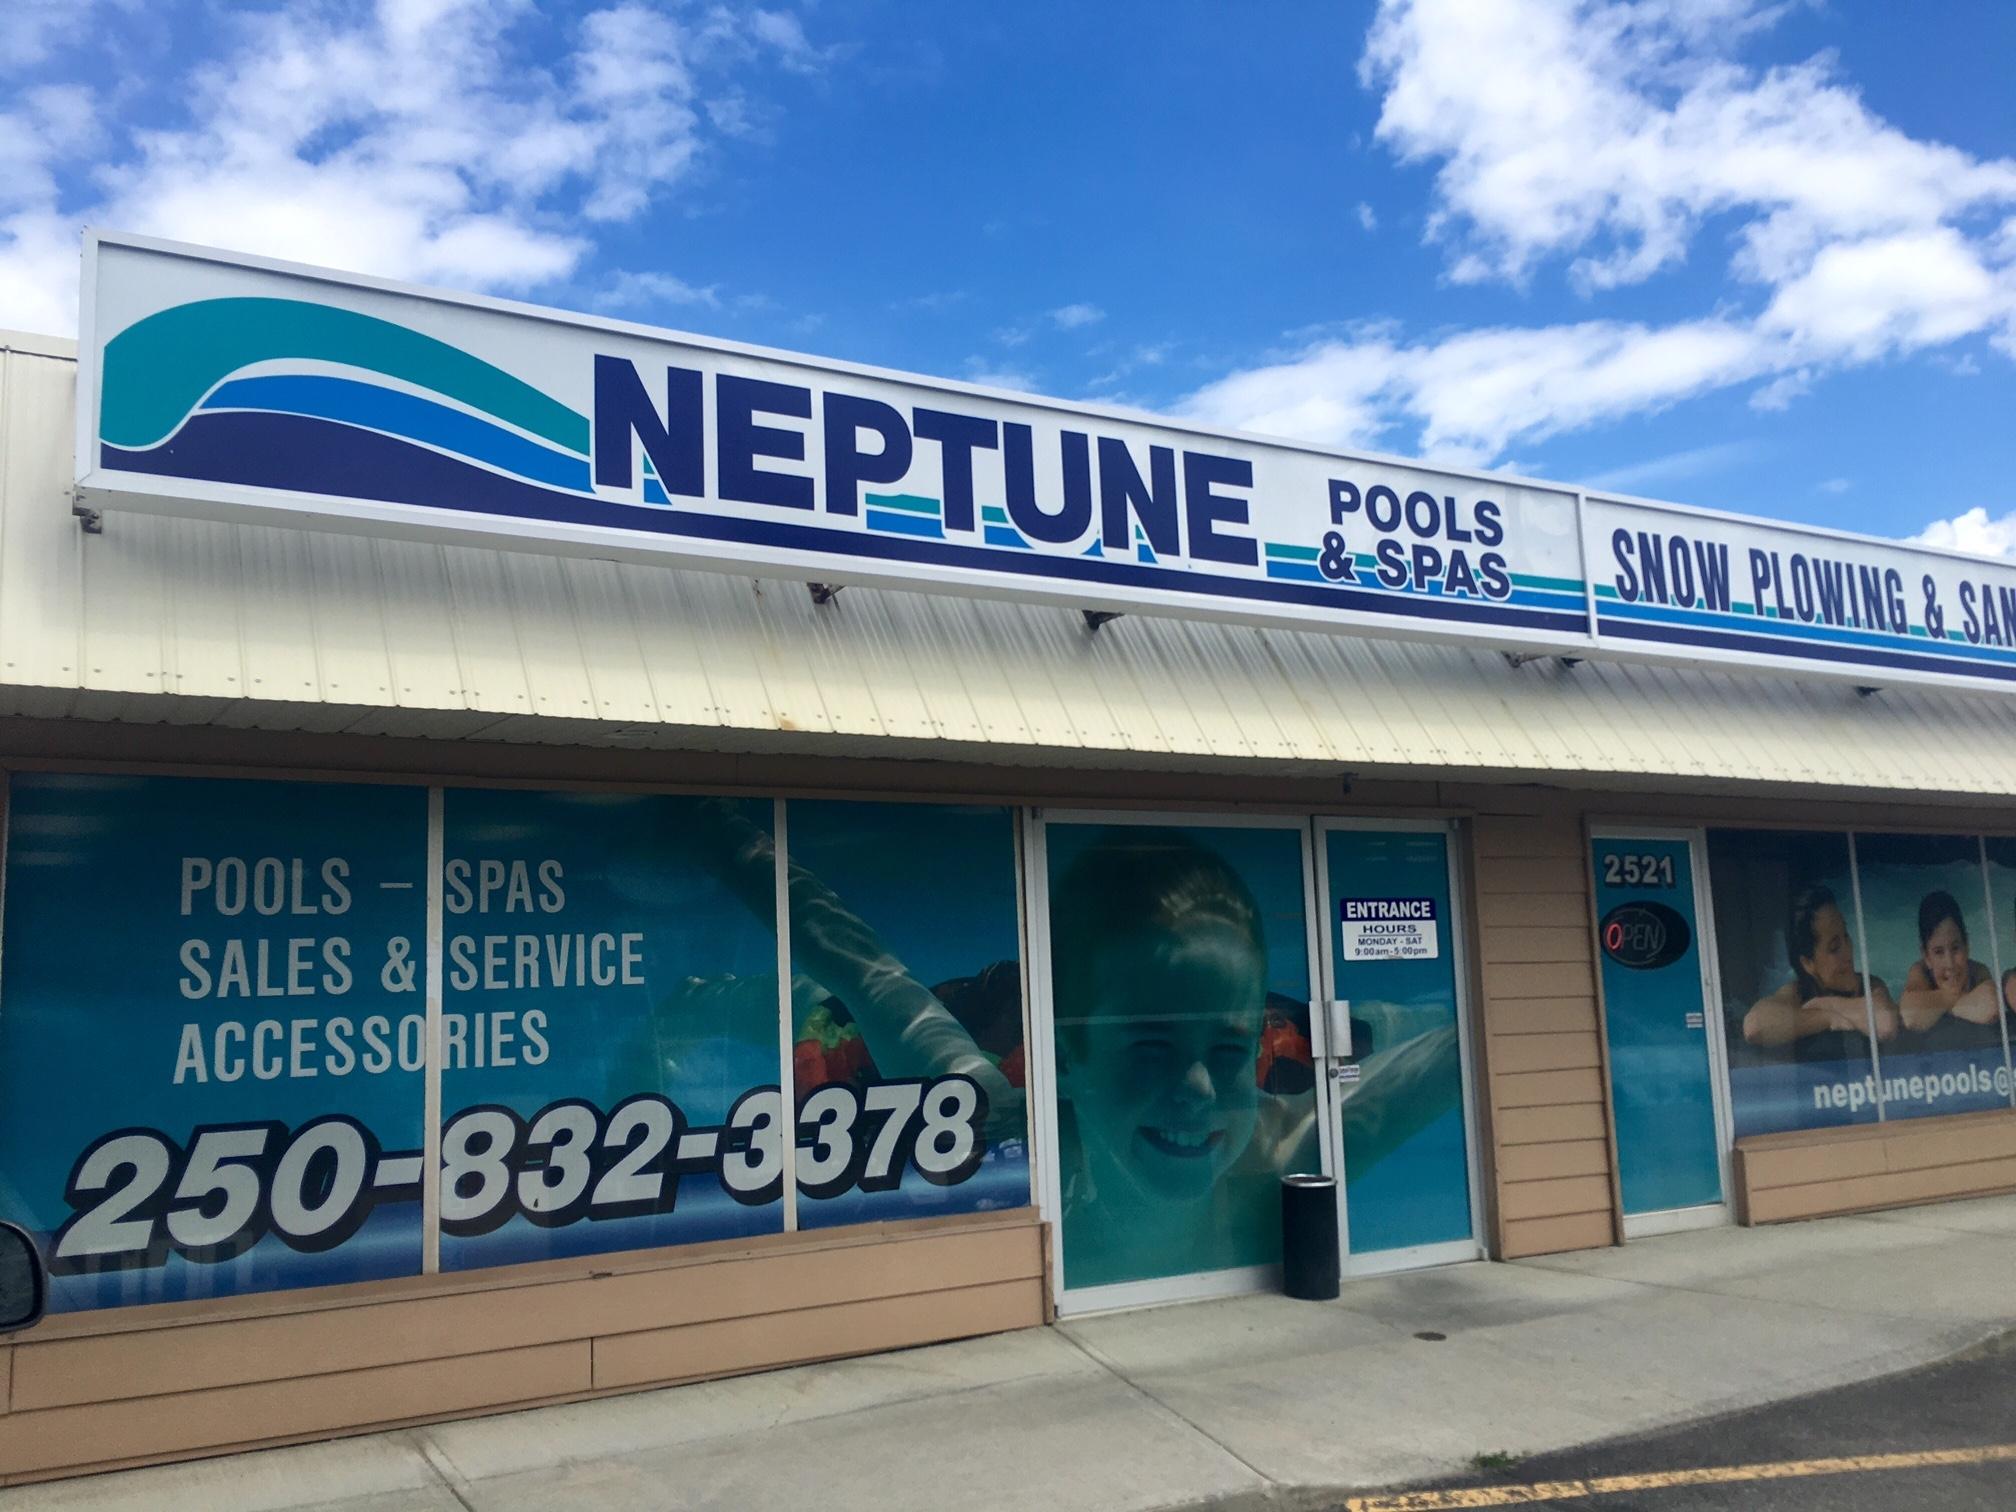 Neptune Pools & Spas